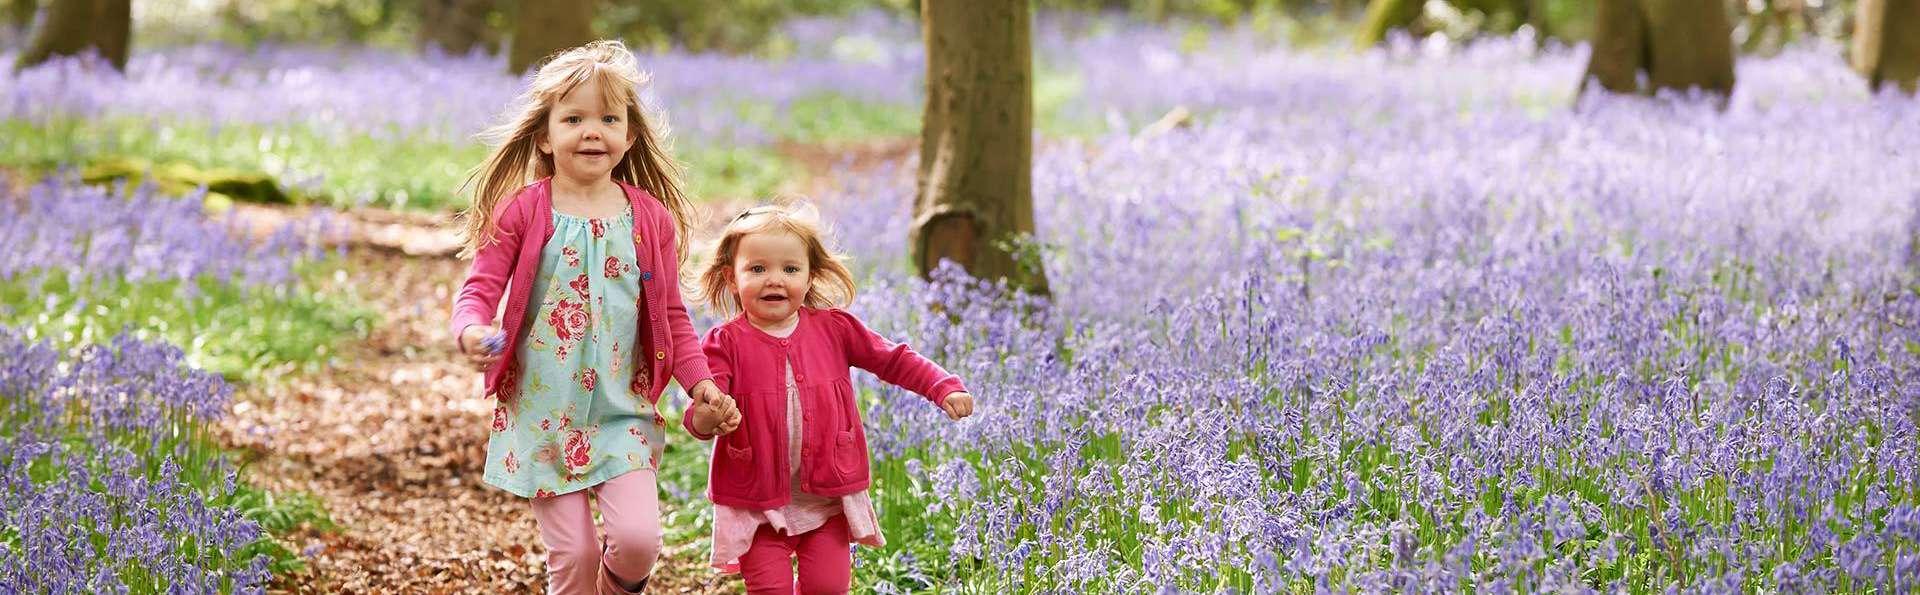 Partez à la chasse au trésor avec les enfants dans la forêt de Peer